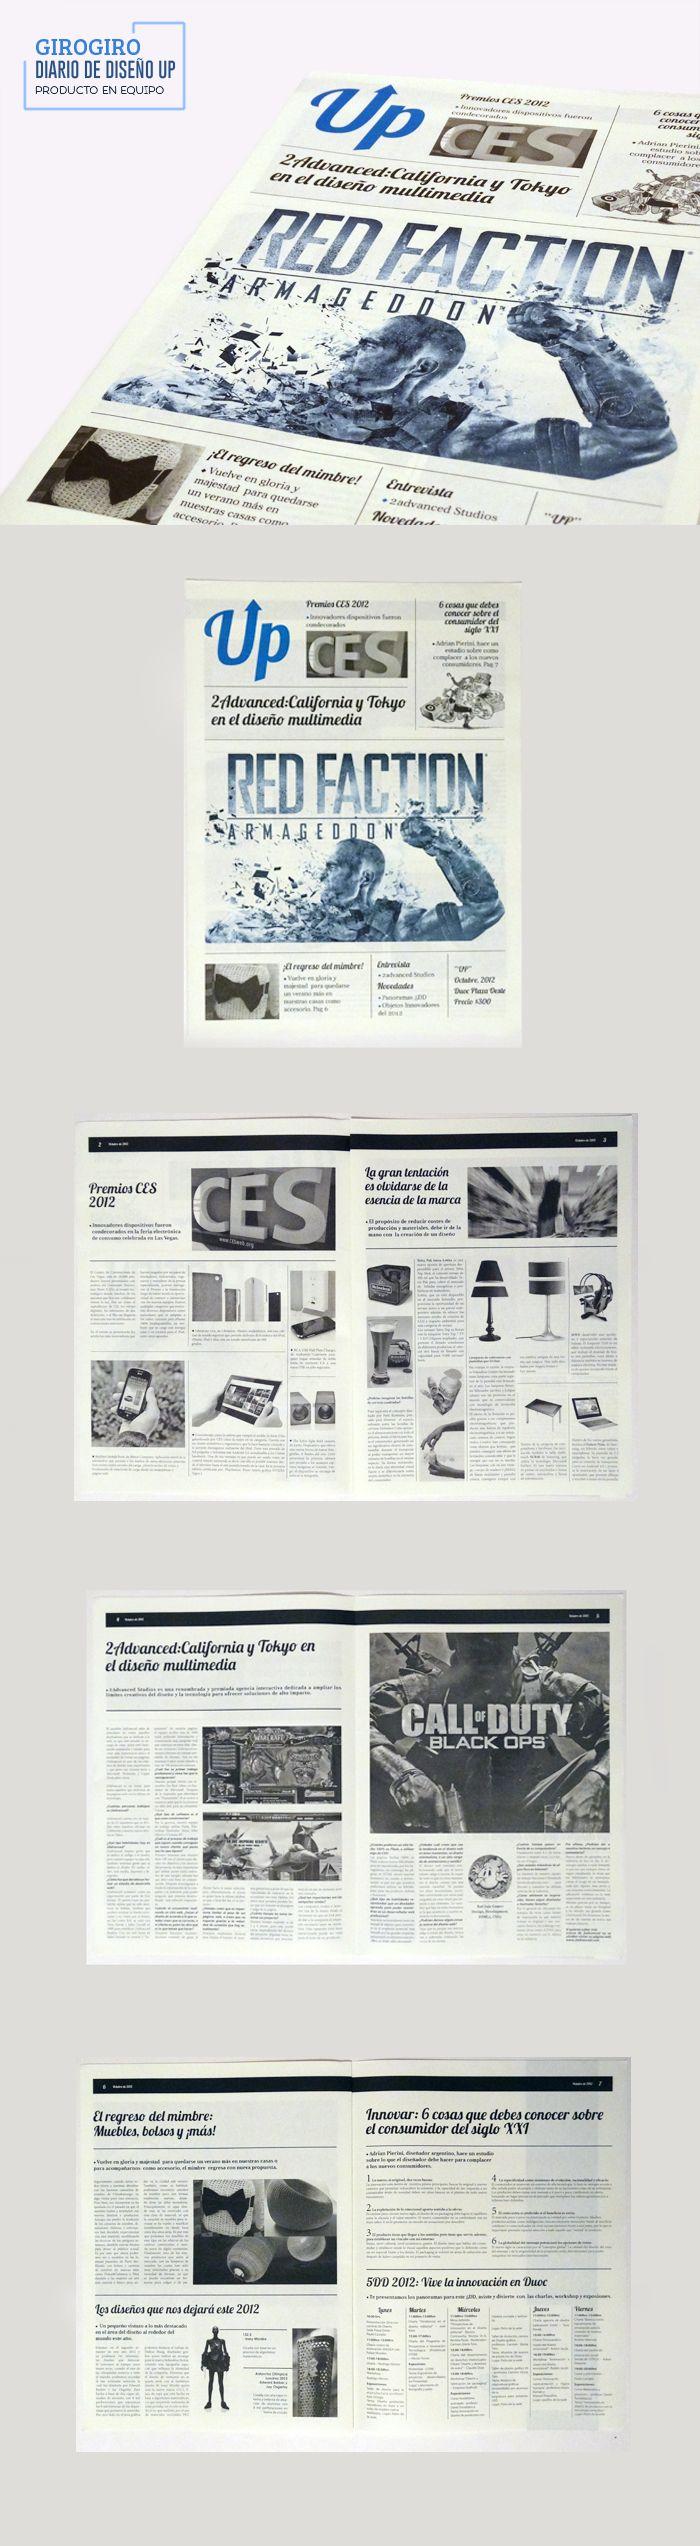 Trabajo editorial, Diario de Diseño UP